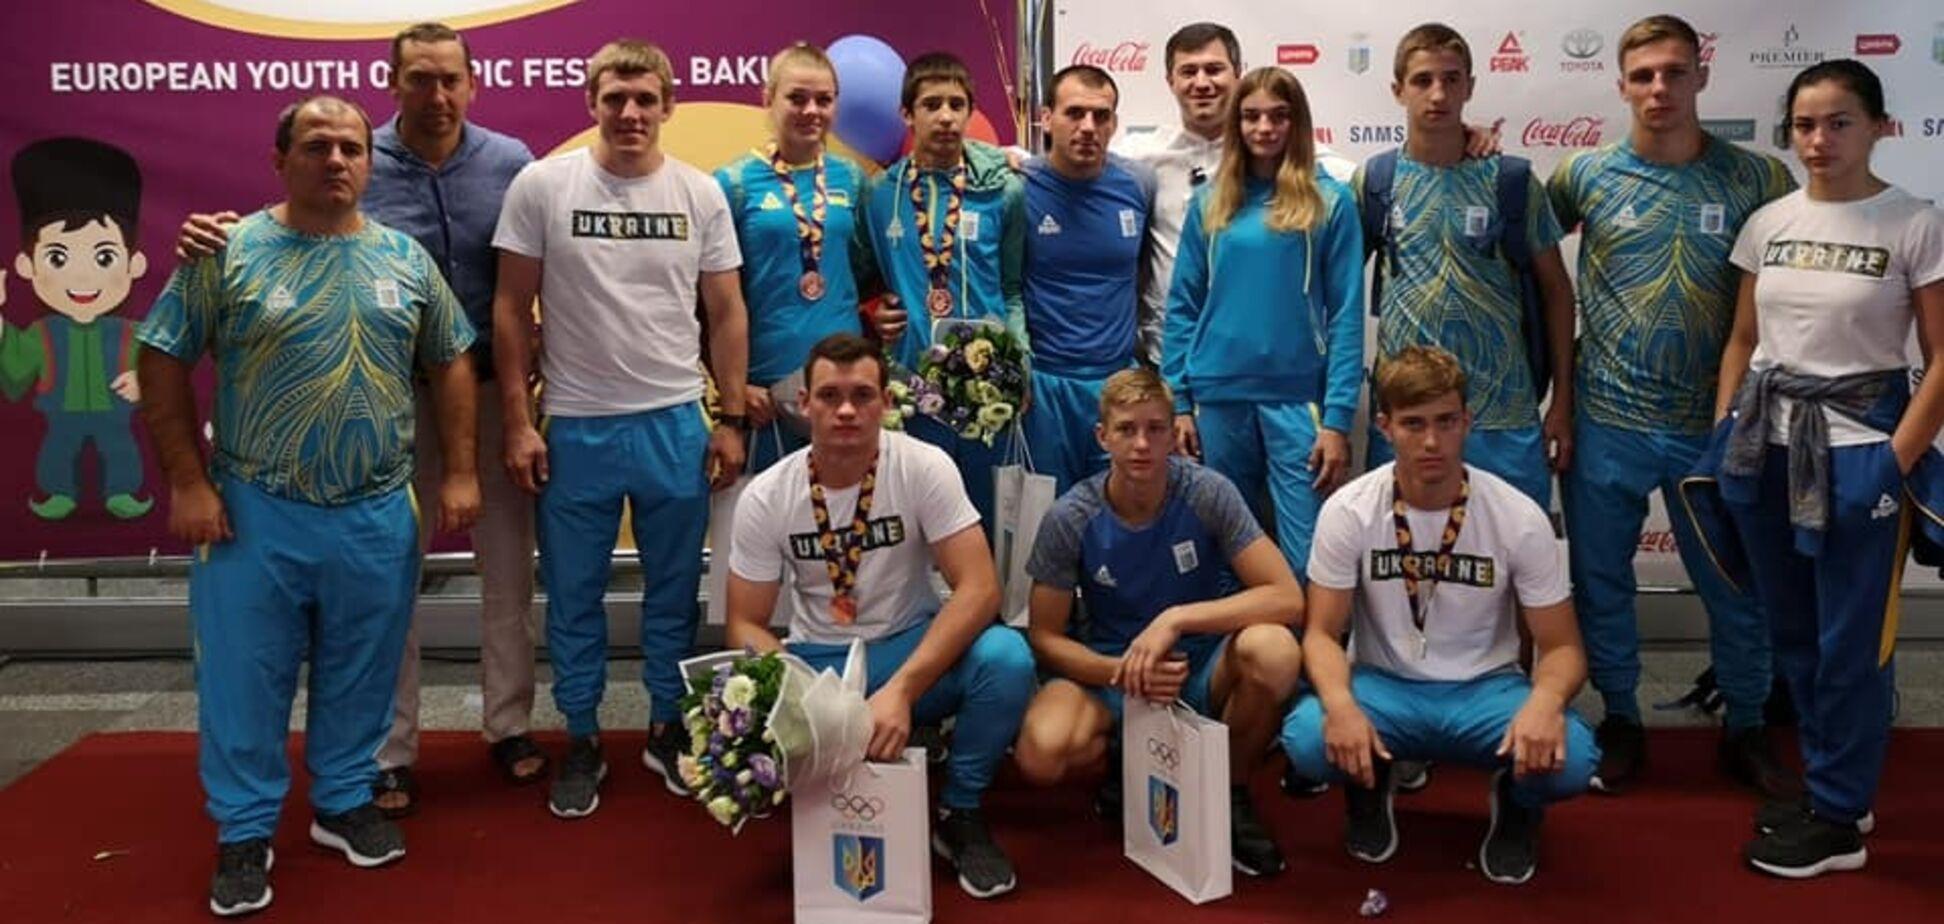 Чотири медалі: юні українські дзюдоїсти пофеєрили на олімпійському фестивалі